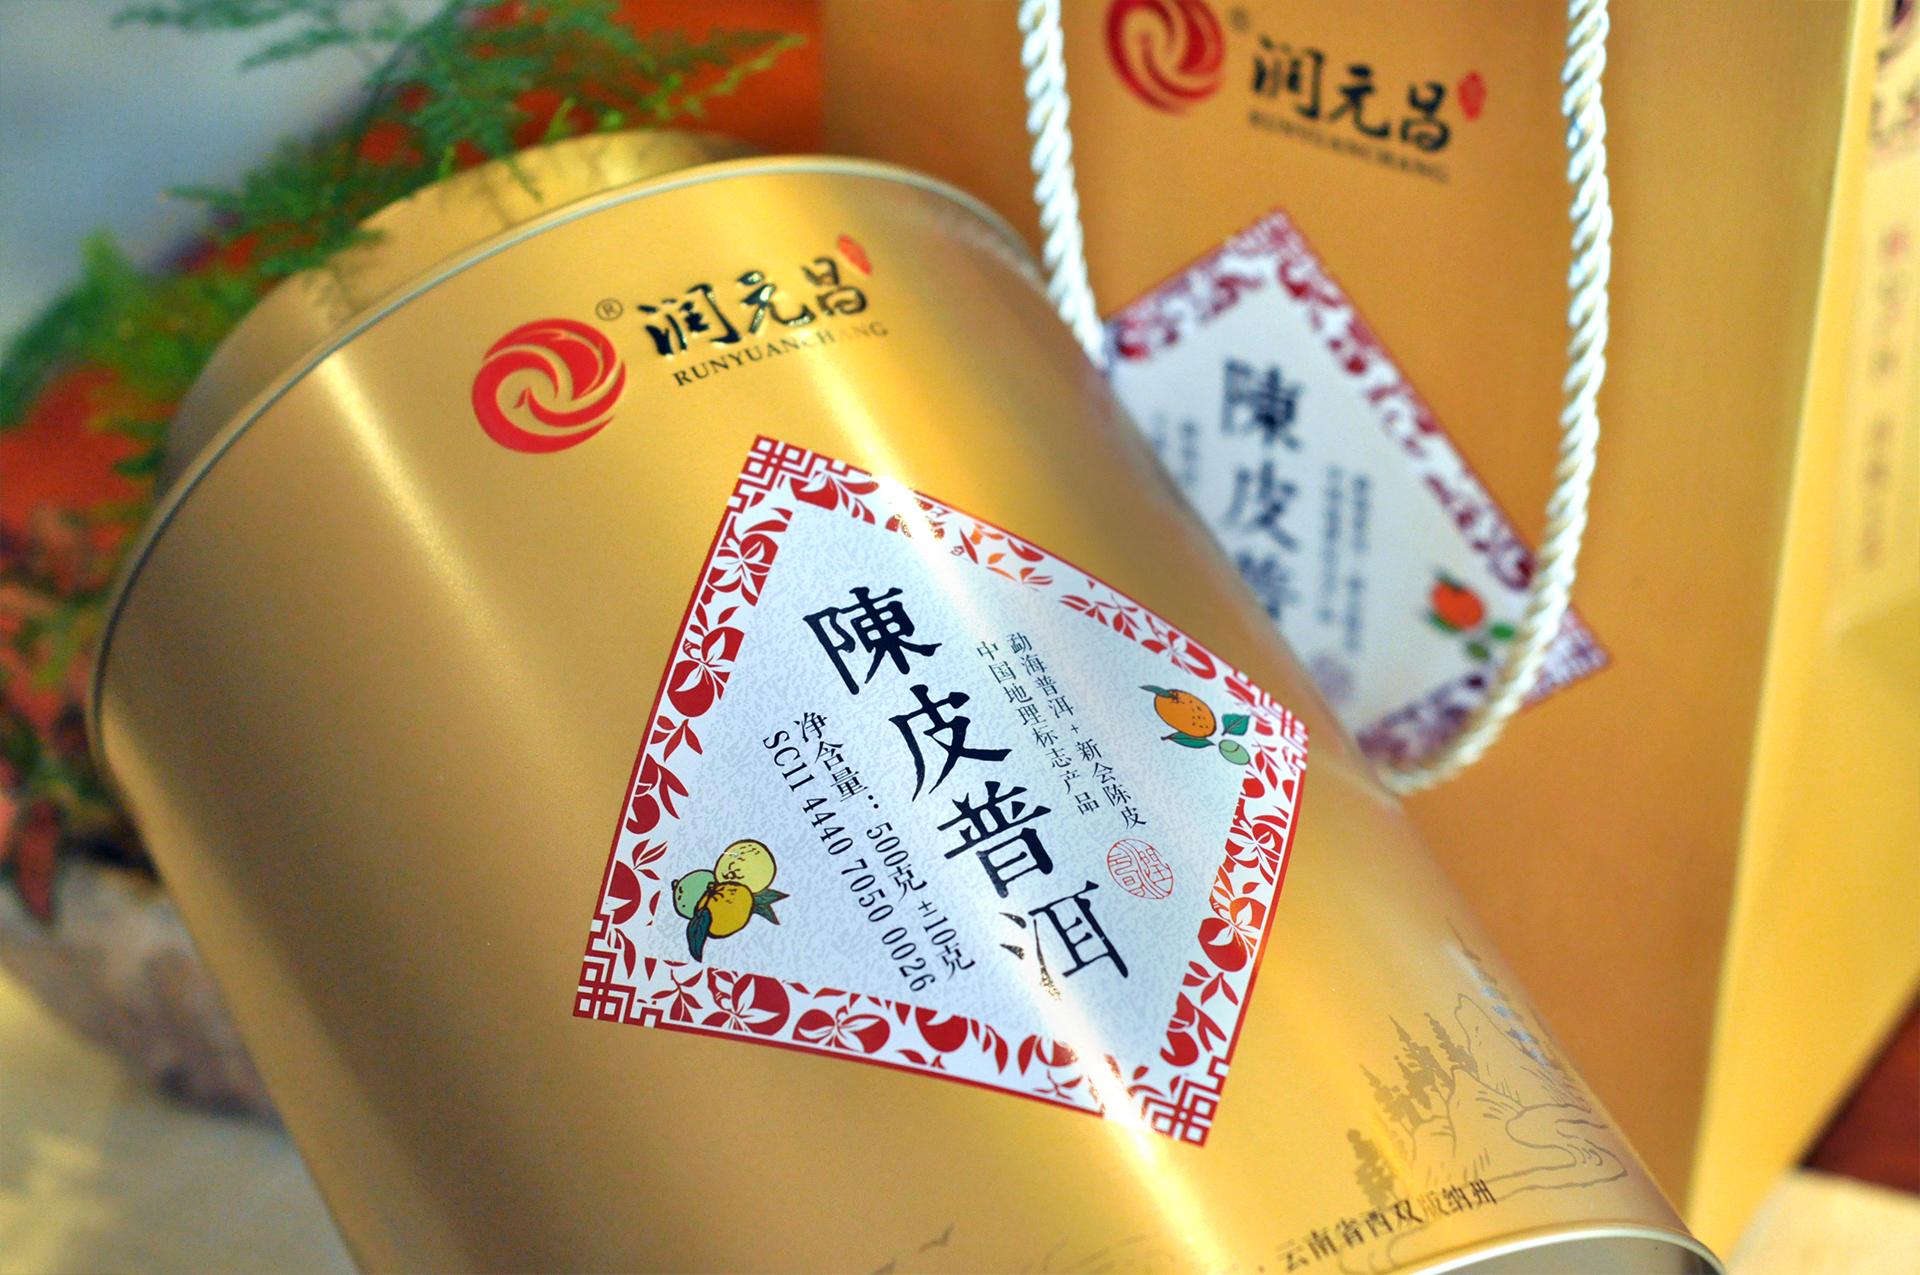 2016年陳皮普洱金罐-500克6